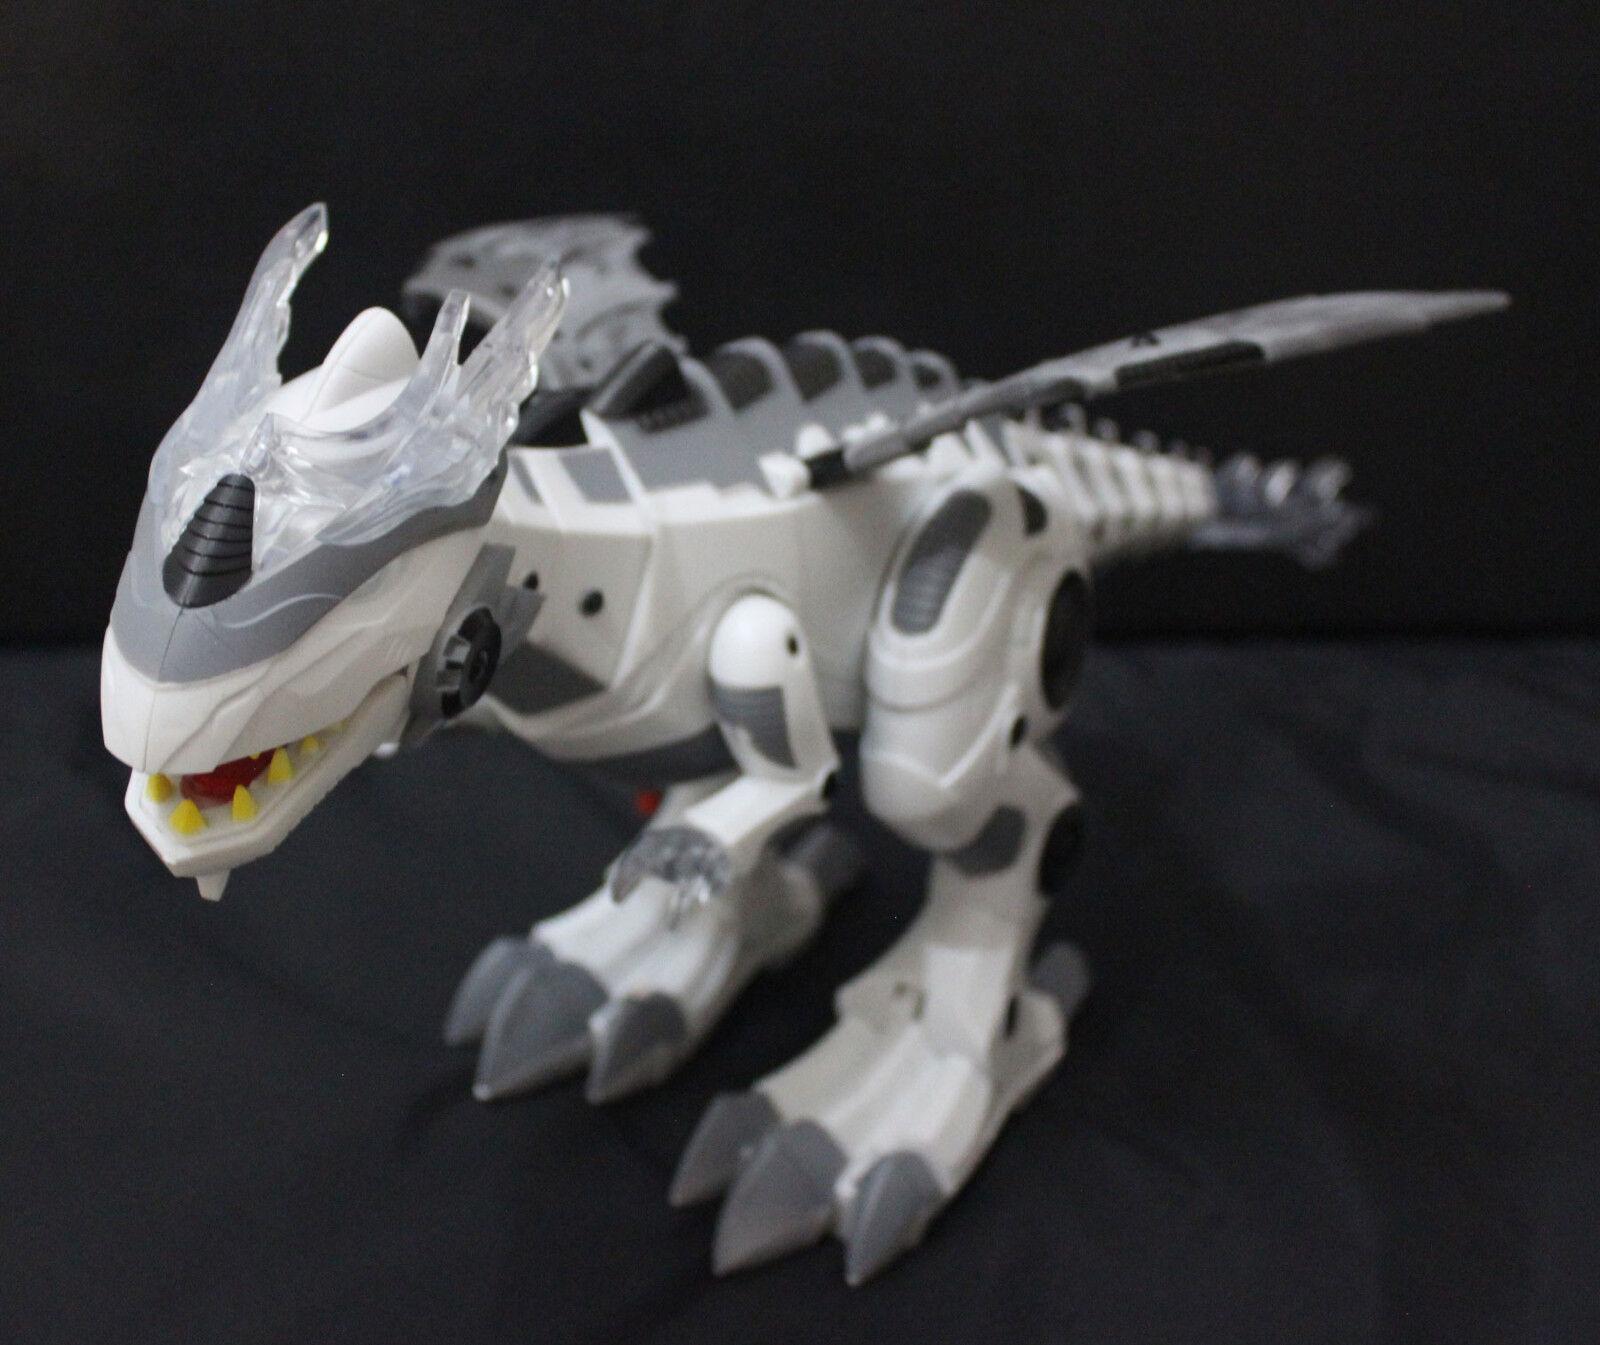 Walre Battery Operated giocattolo bianca Dragon  Dinosaur Wing Tail Movement  risparmia fino al 70%